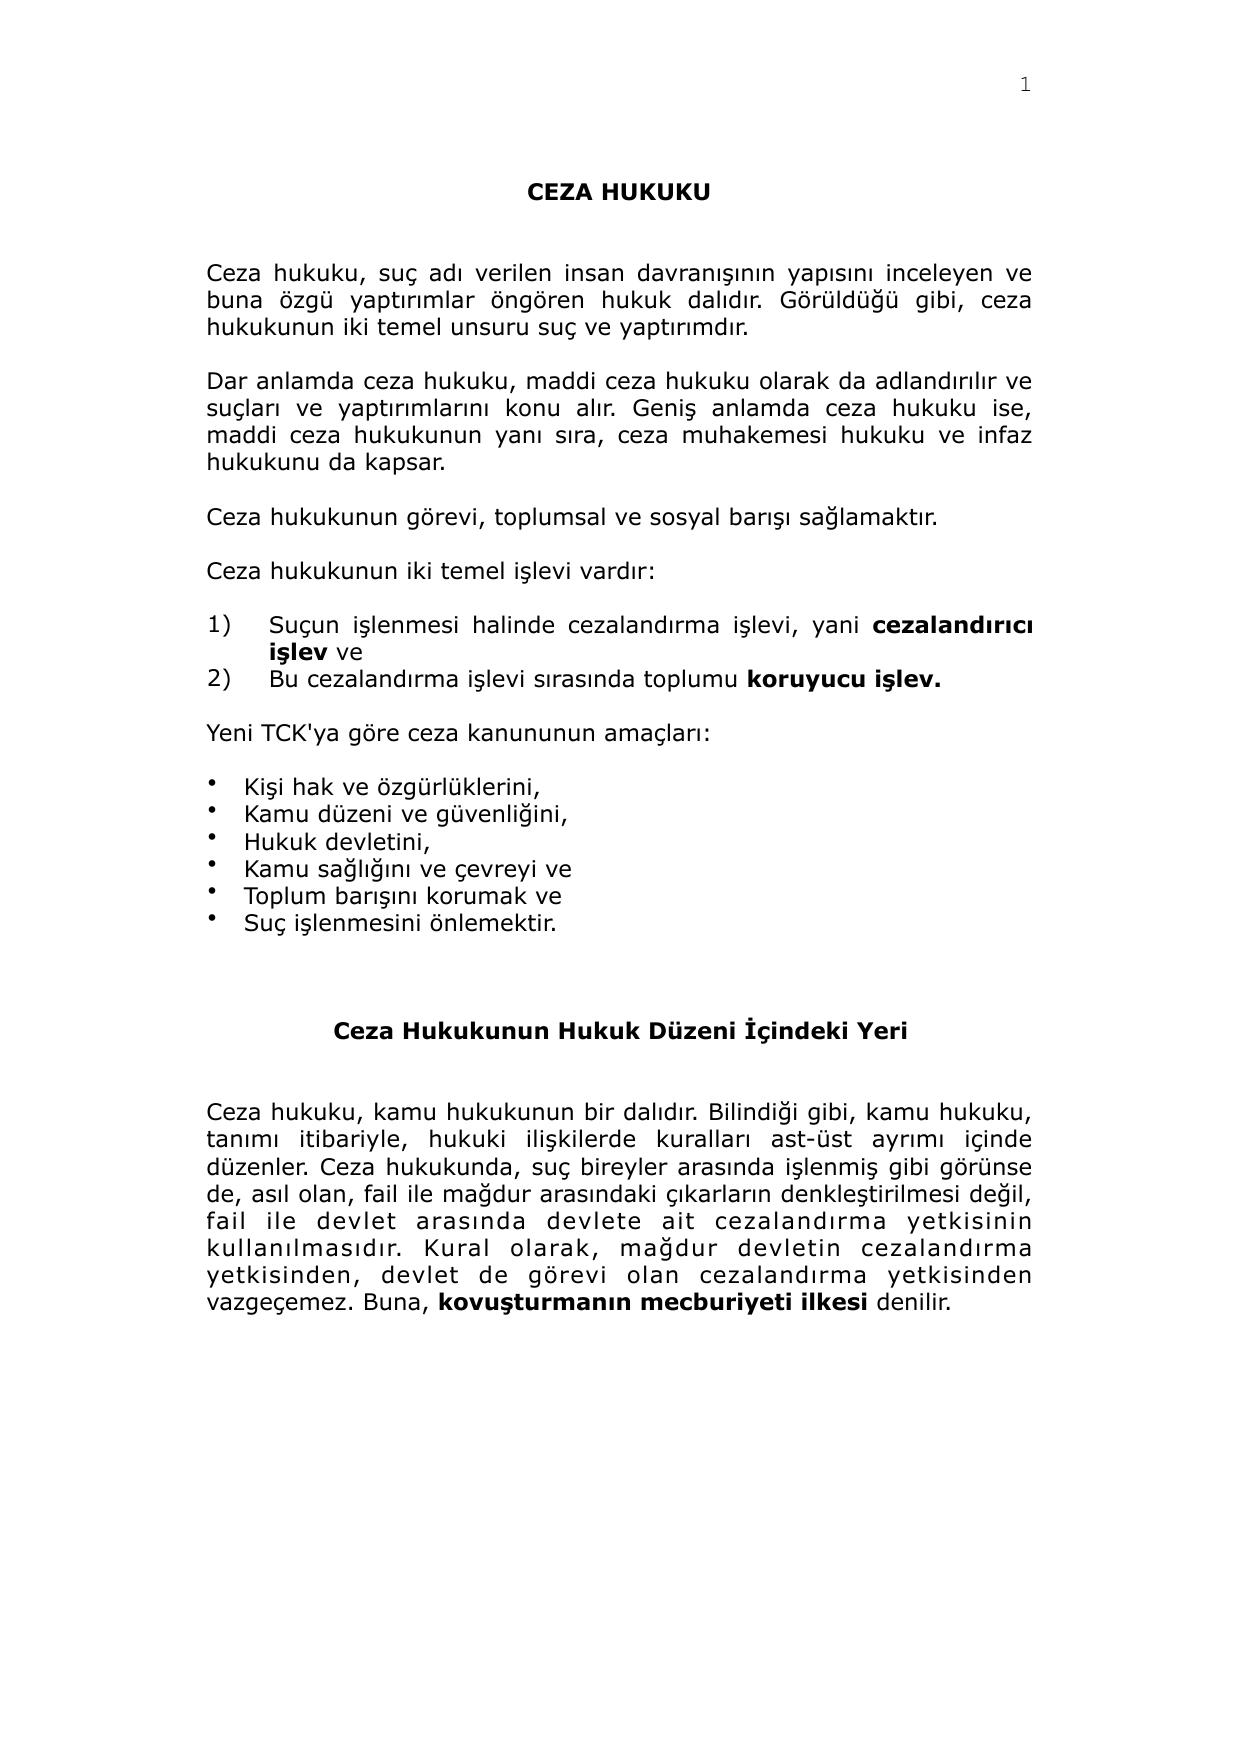 Prof. Çevikten Halkbank tepkisi: Hatalı kurdan yapılan işlemler iptal edilemez 8